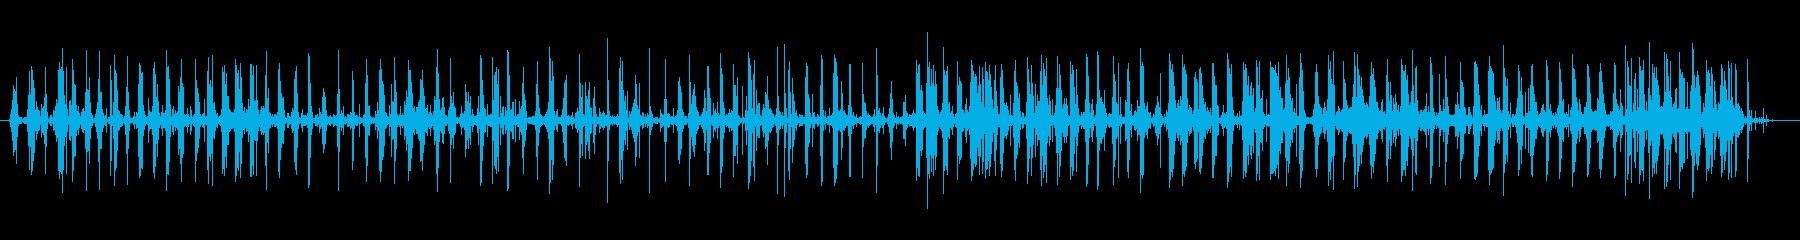 フットステプス、小石、高速; DI...の再生済みの波形